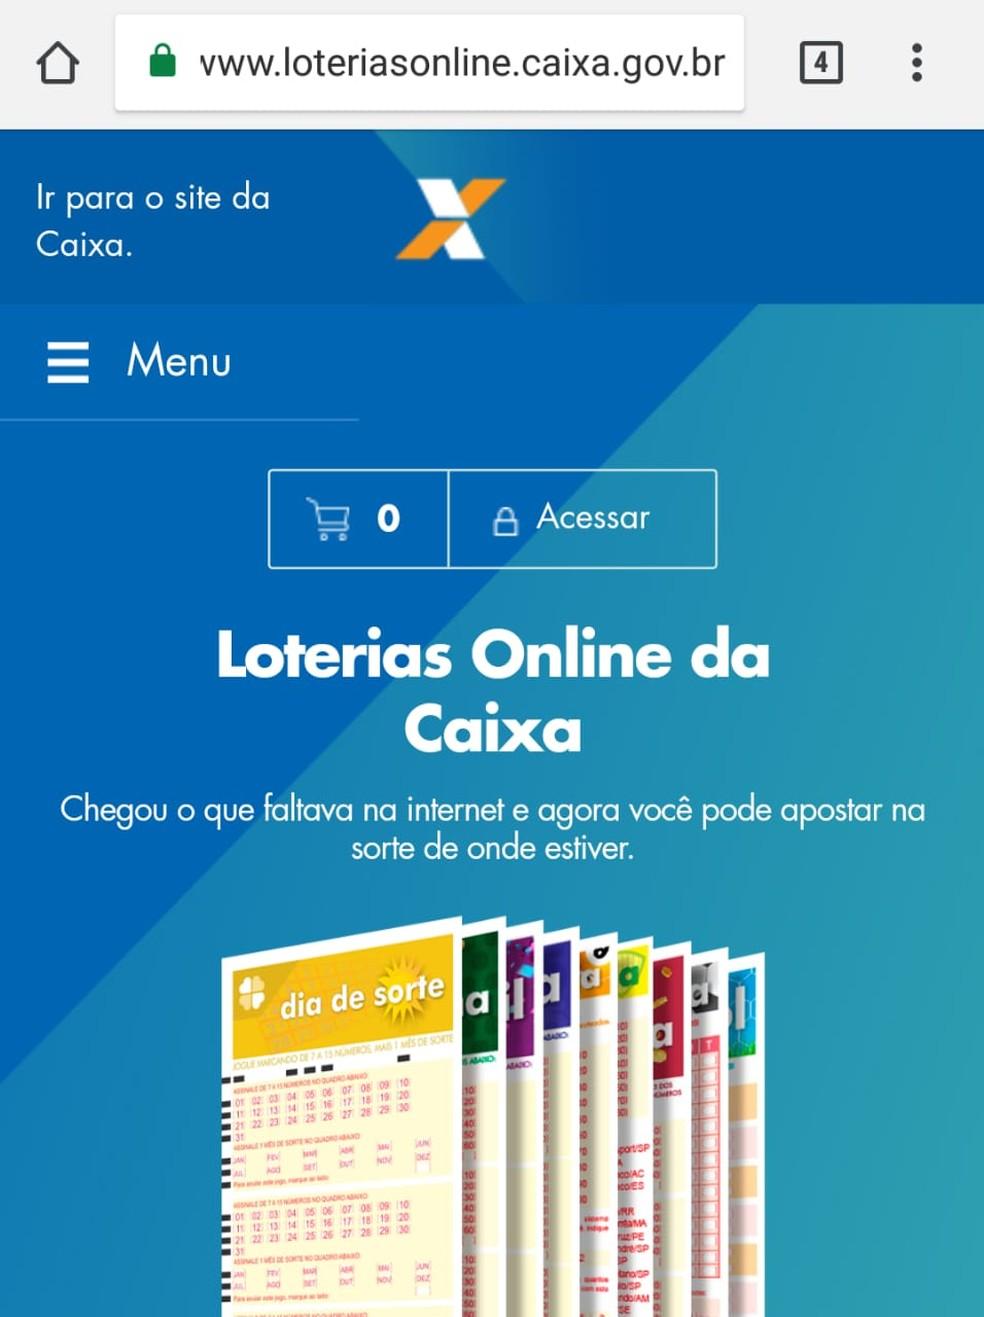 Site de loterias da Caixa (Foto: Reprodução)